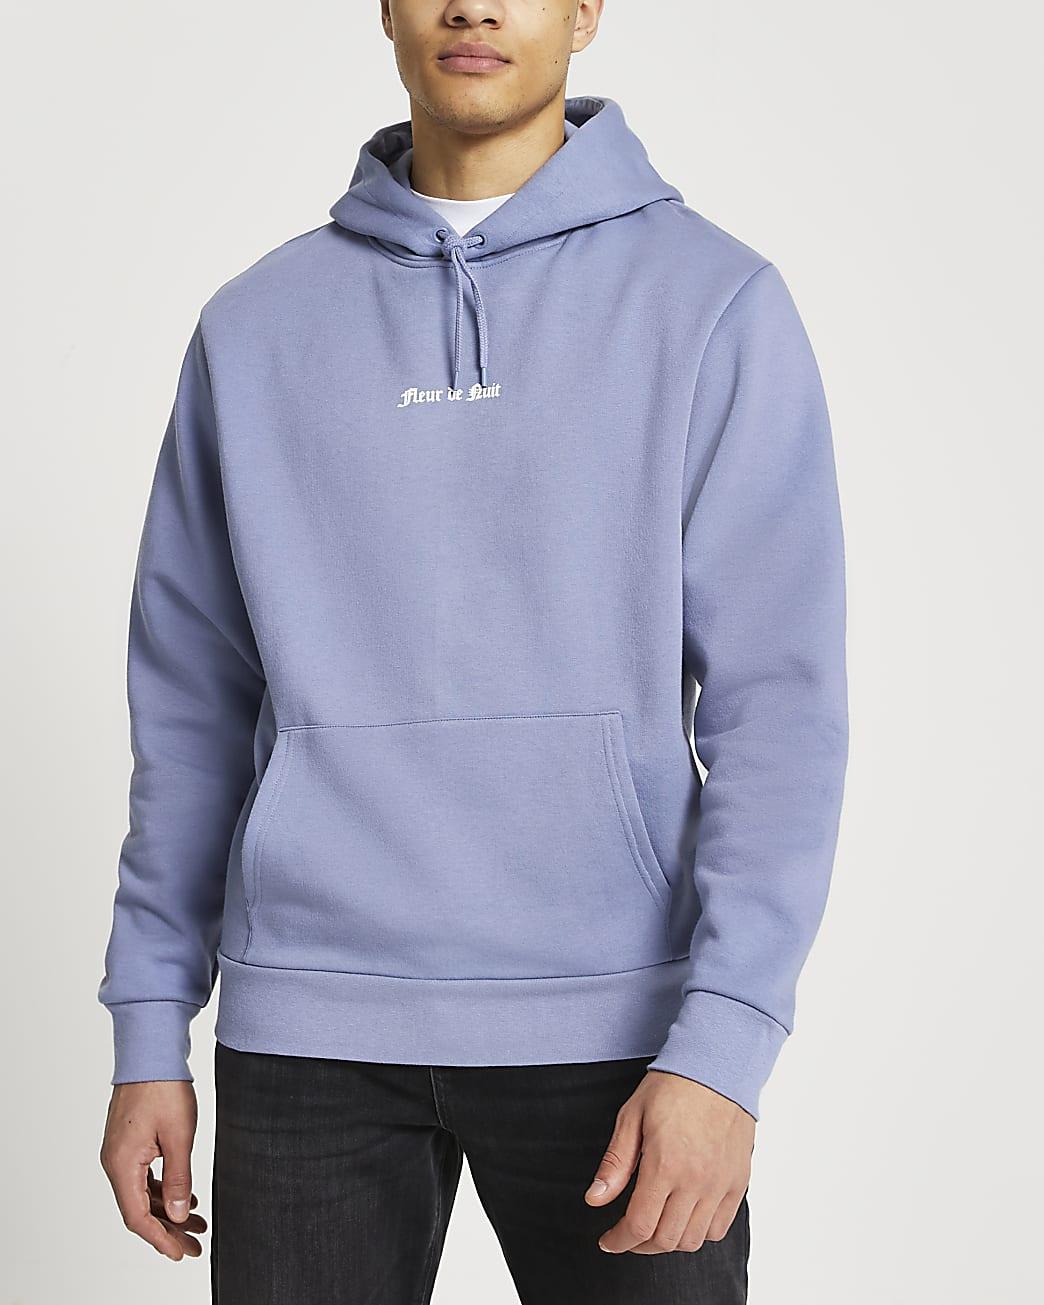 Purple 'Fleur De Nuit' hoodie